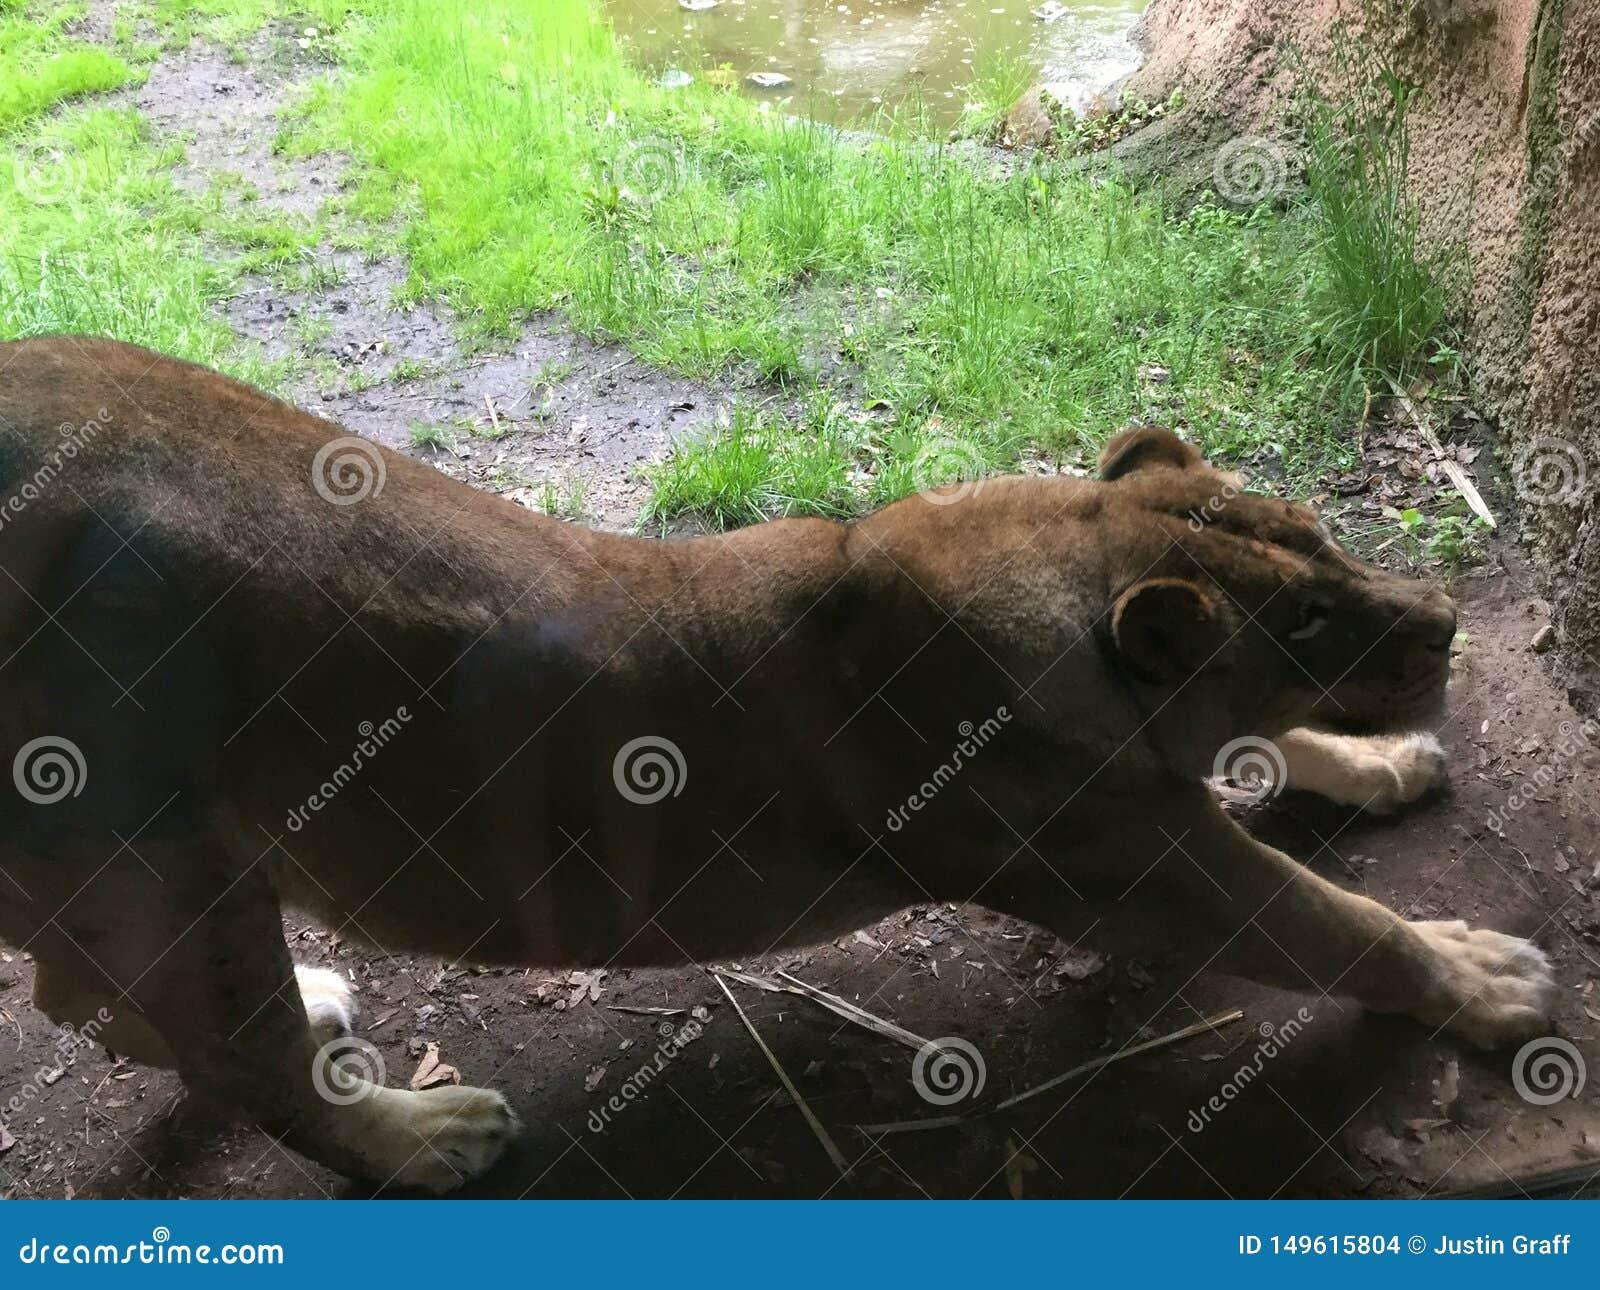 Η λιονταρίνα τέντωσε έξω κατά μήκος ενός τοίχου ερευνώντας την περιοχή της